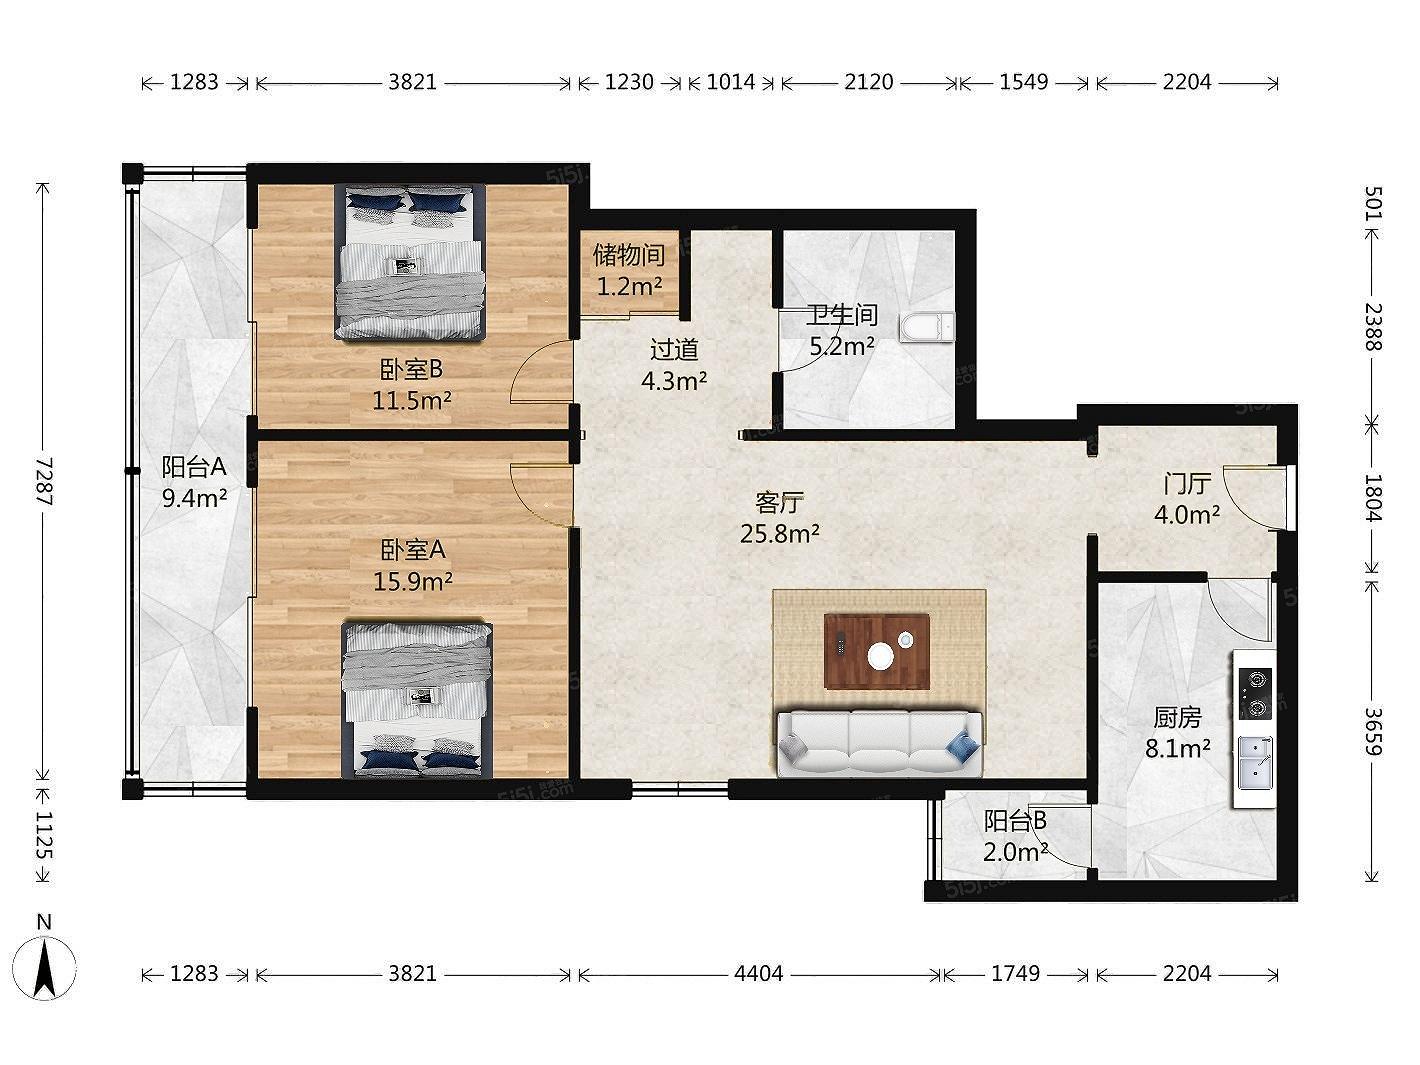 出租 迦南大厦精装修家电家具全齐 117平米两居室